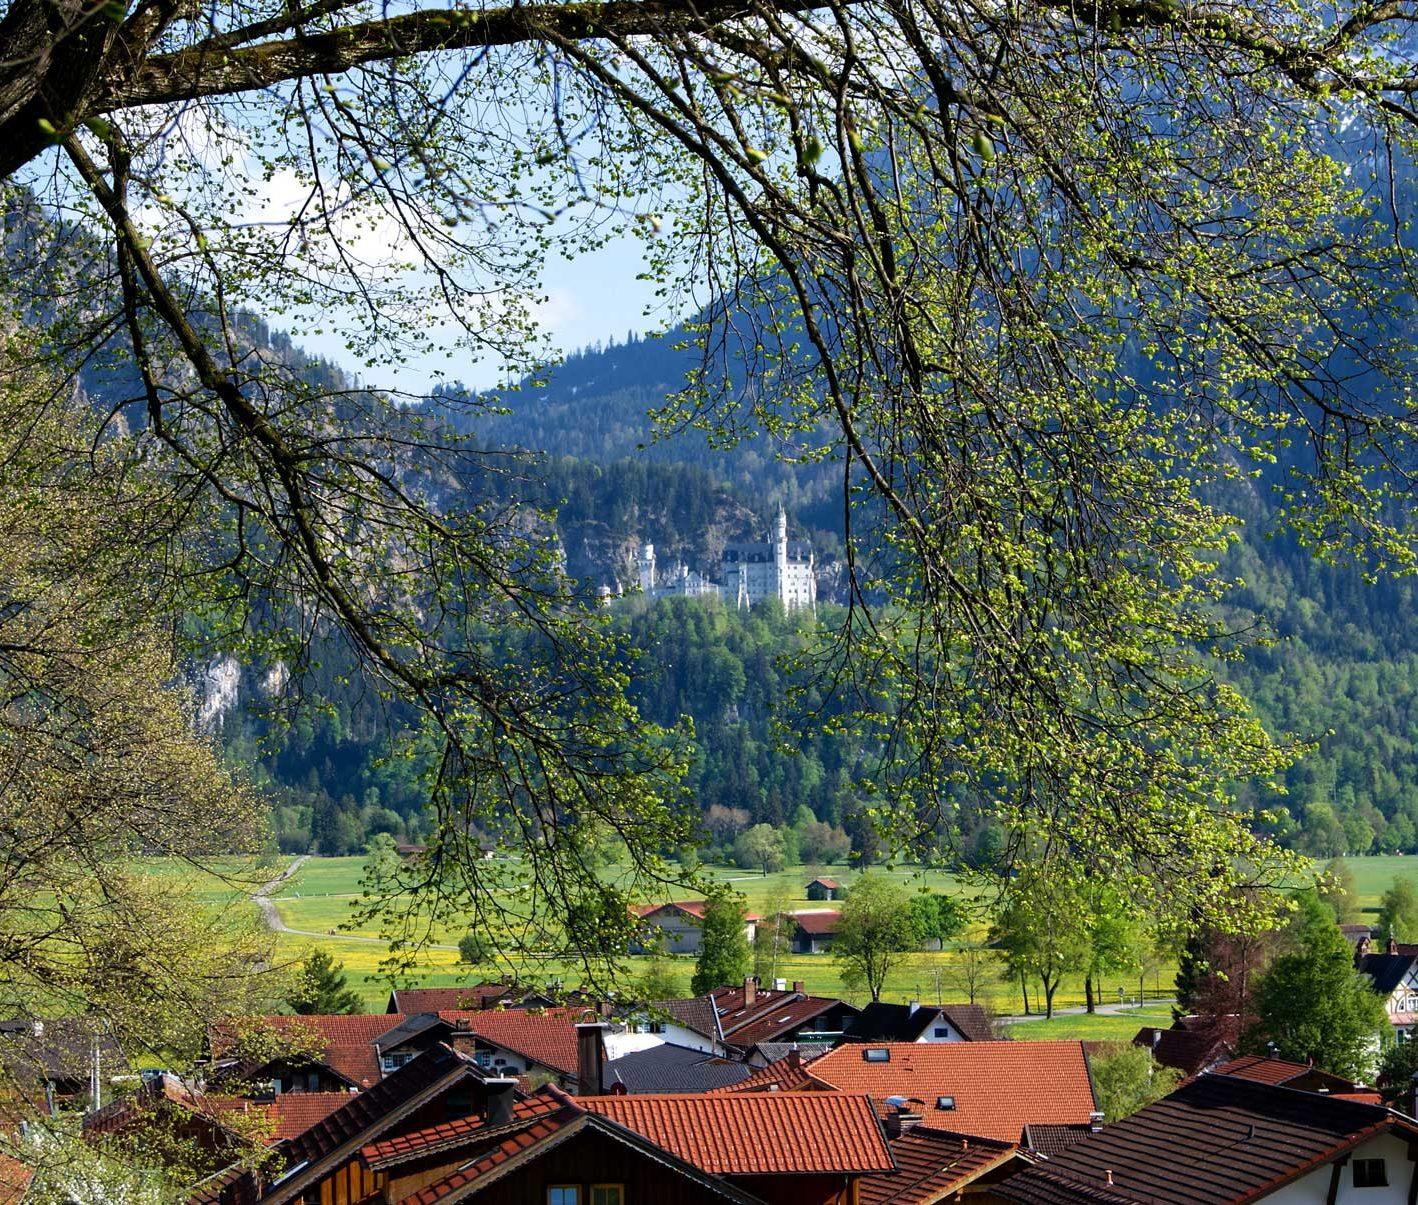 Über die Dächer von Schwangau